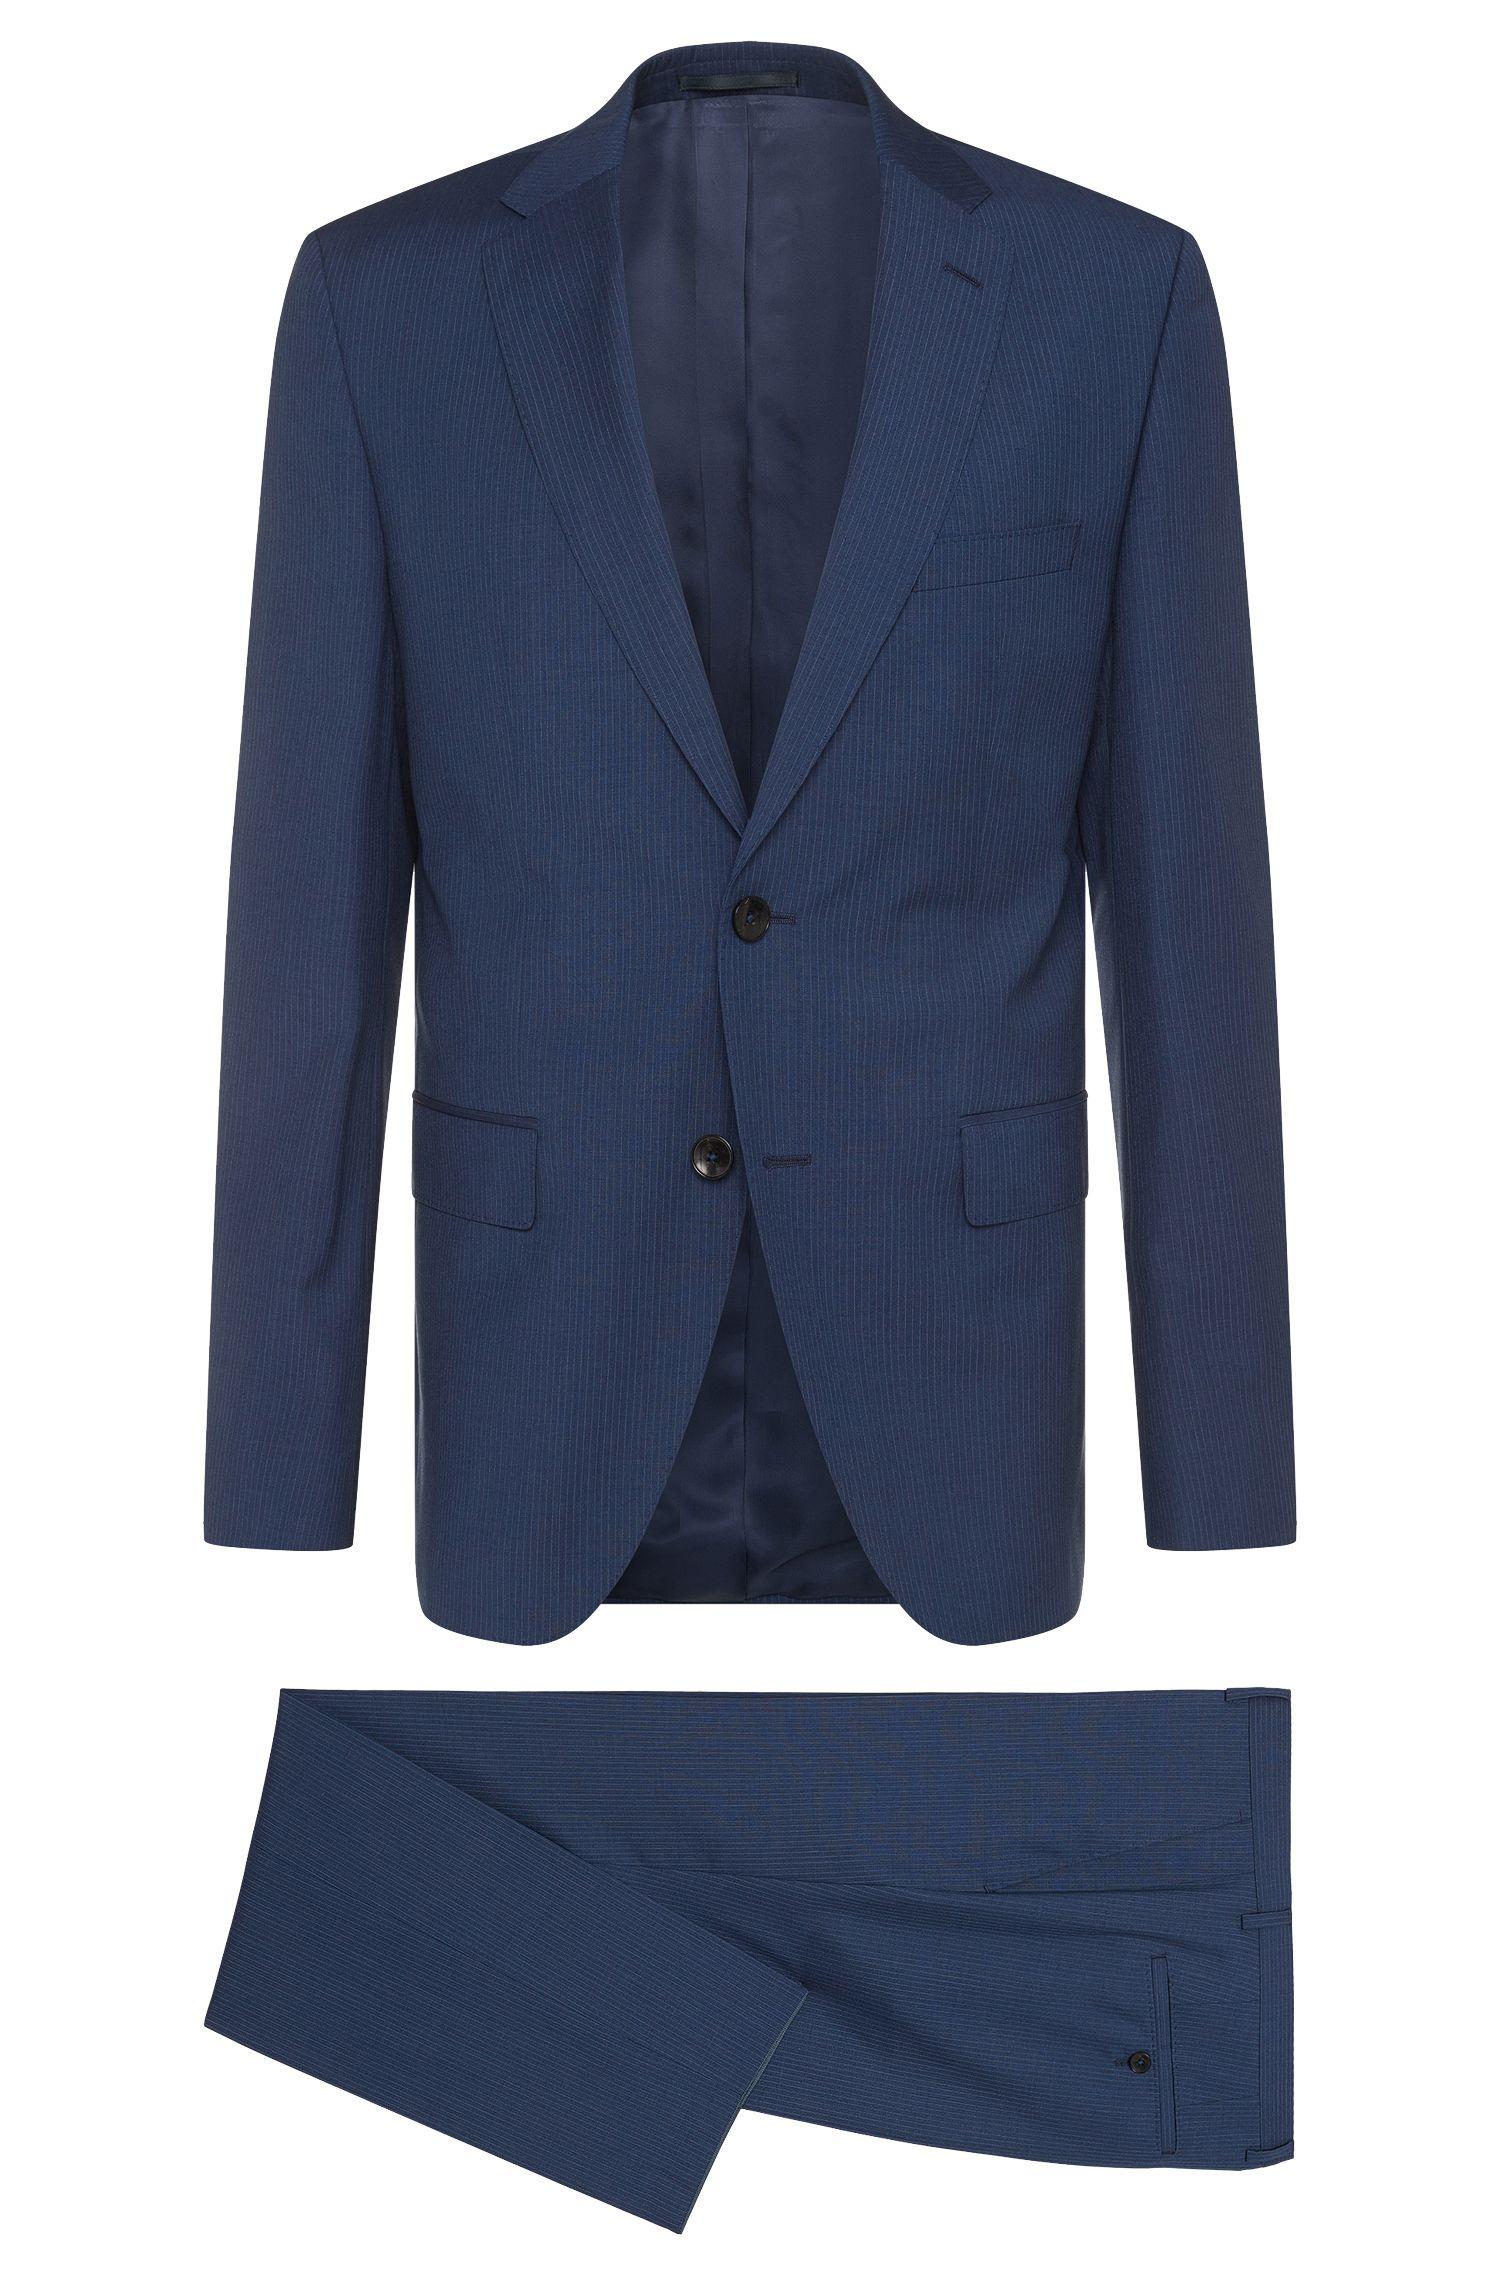 Super 110 Italian Virgin Wool Suit, Regular Fit | Johnstons/Lenon